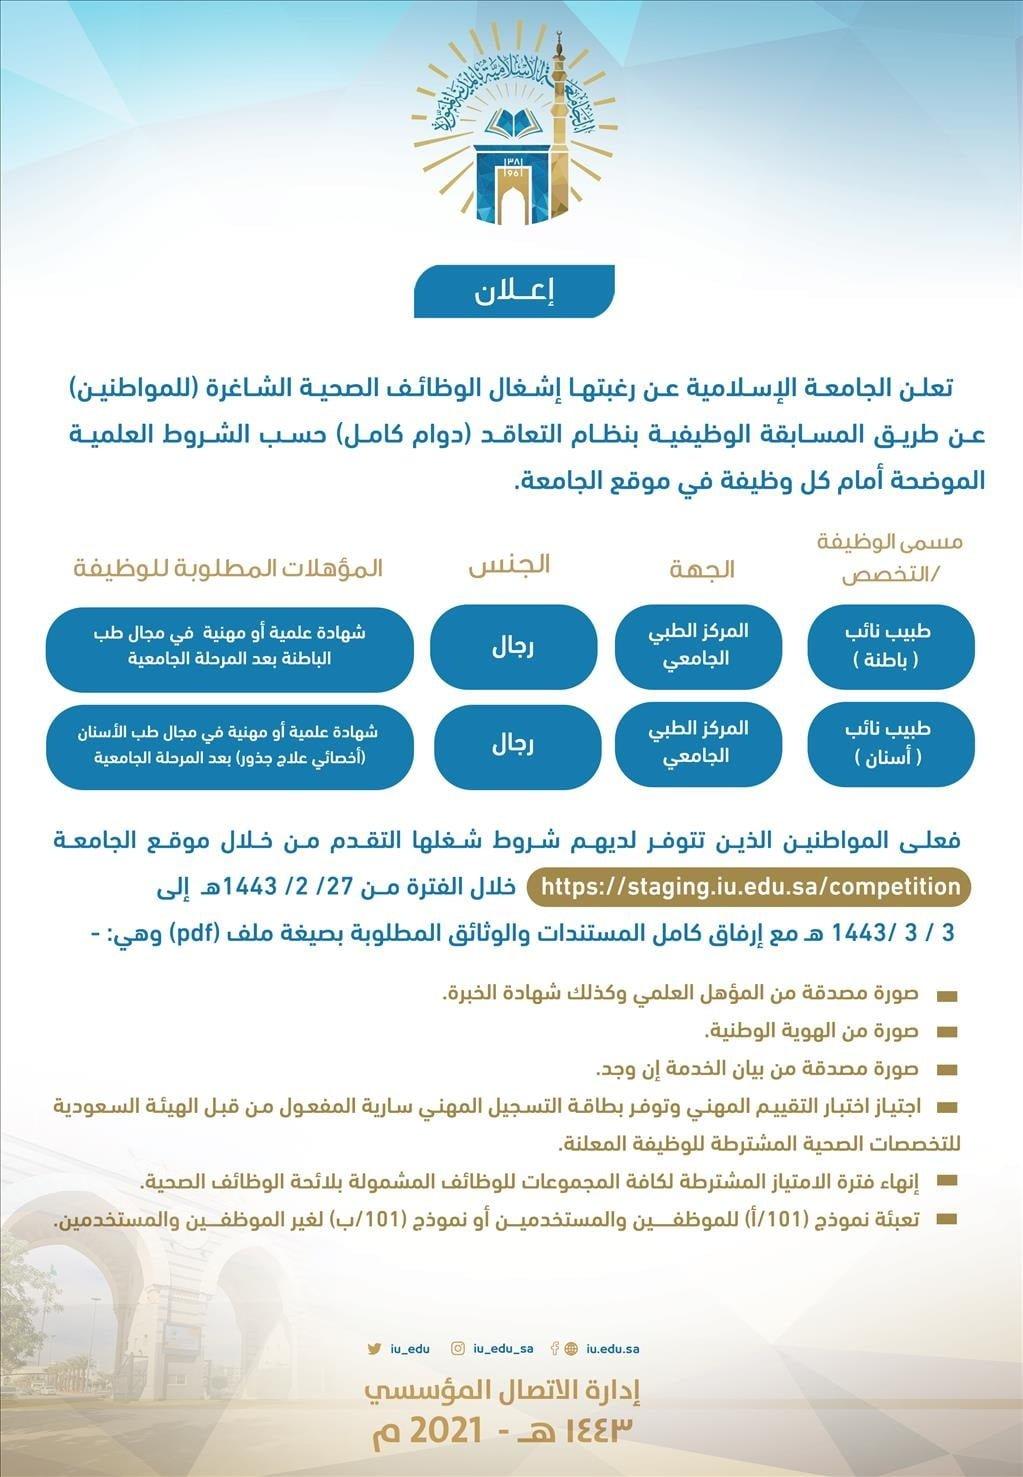 وظائف صحية شاغرة عن طريق المسابقة الوظيفية لدى الجامعة الإسلامية 3